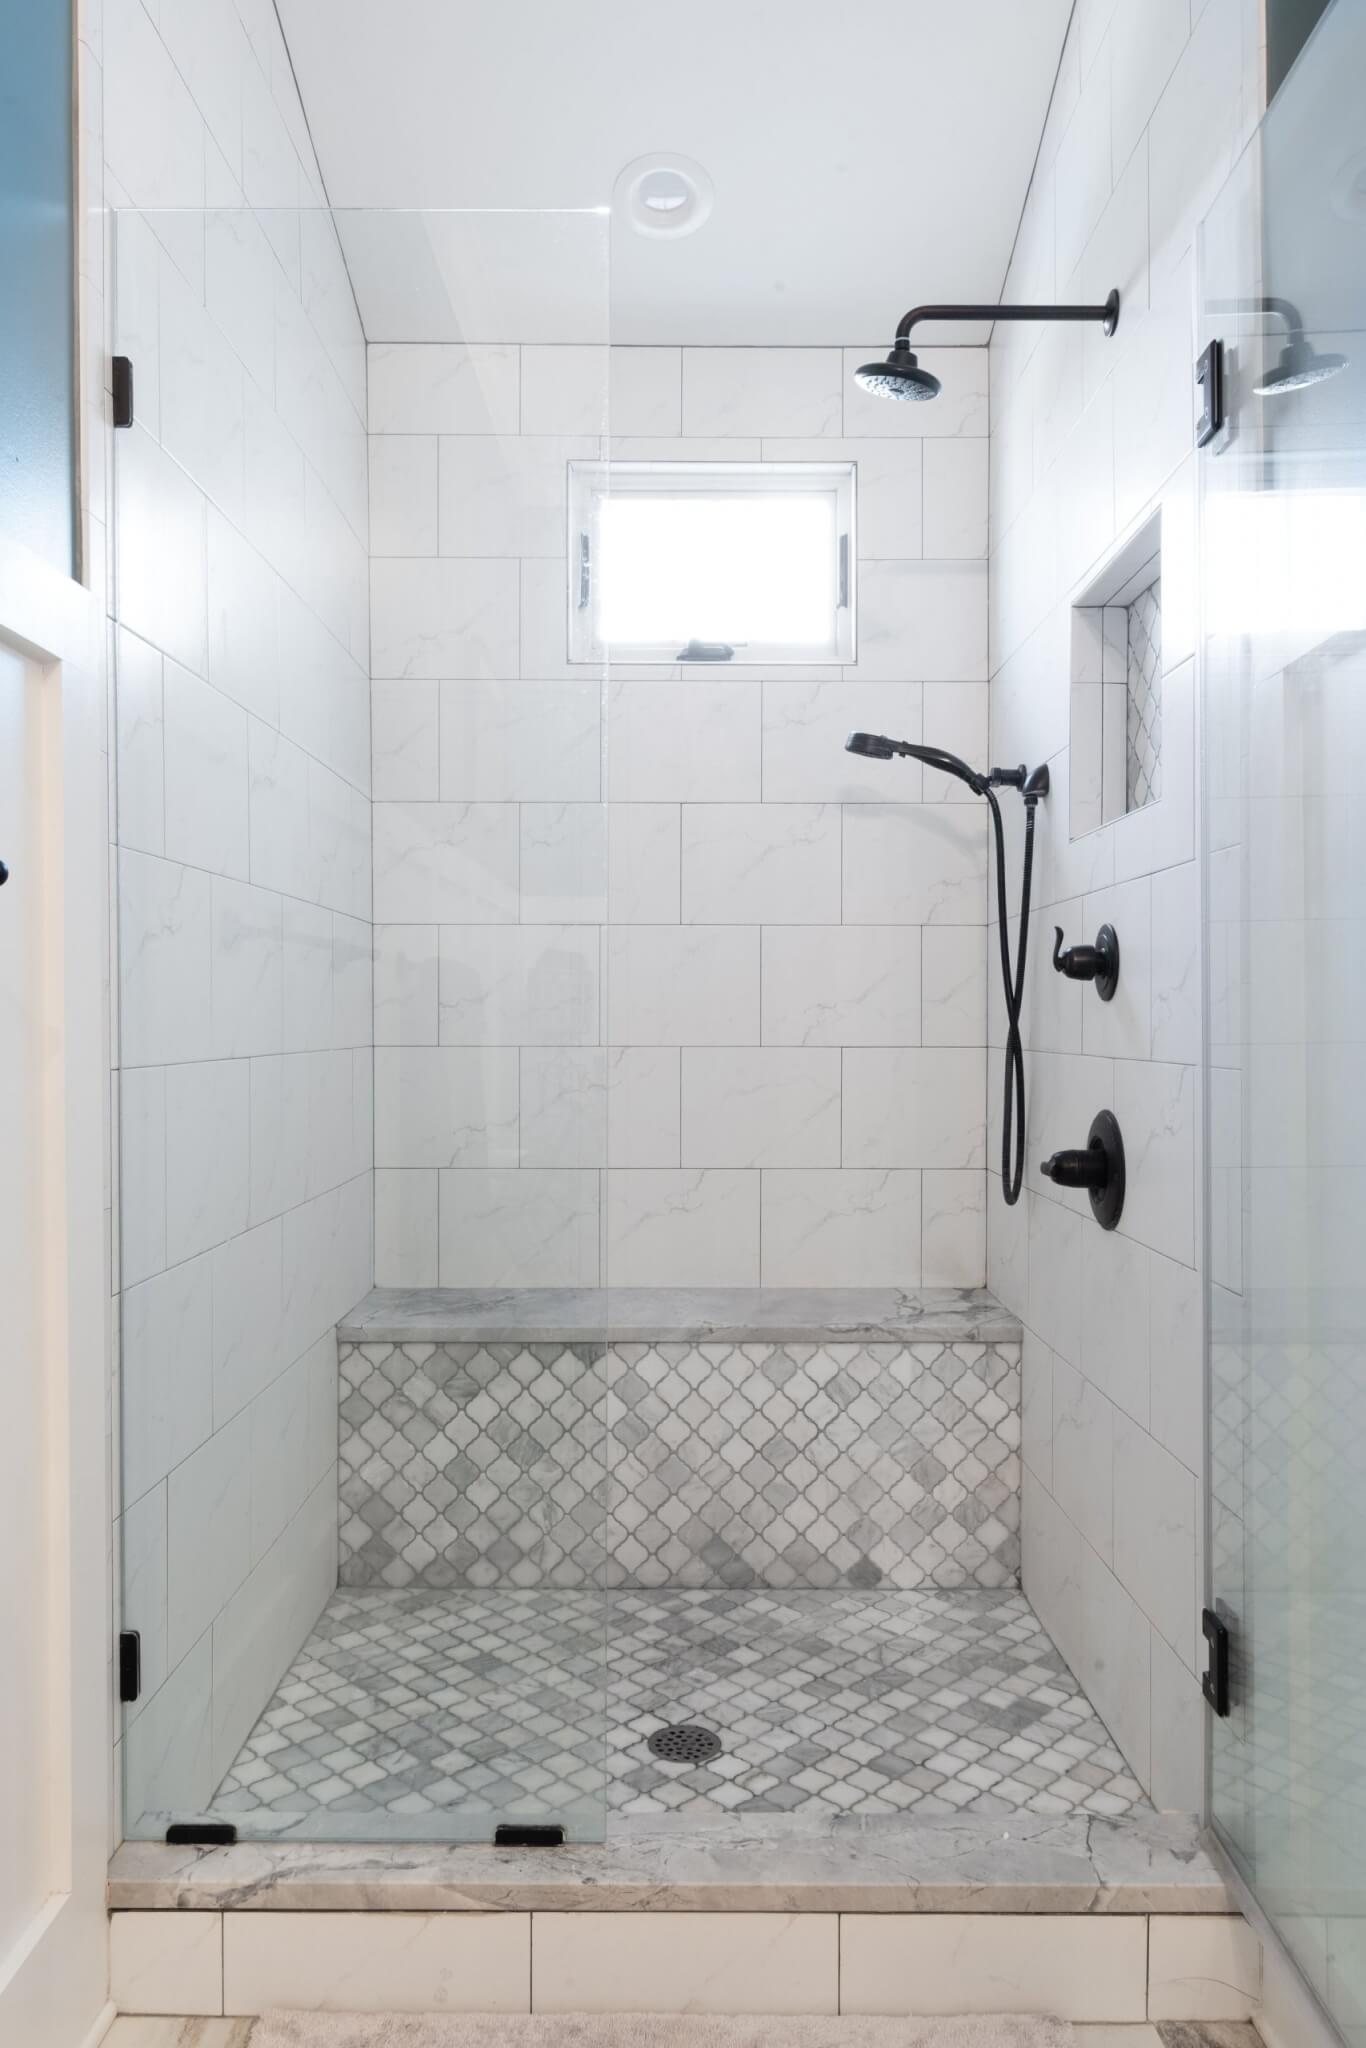 waterproofing your shower walls